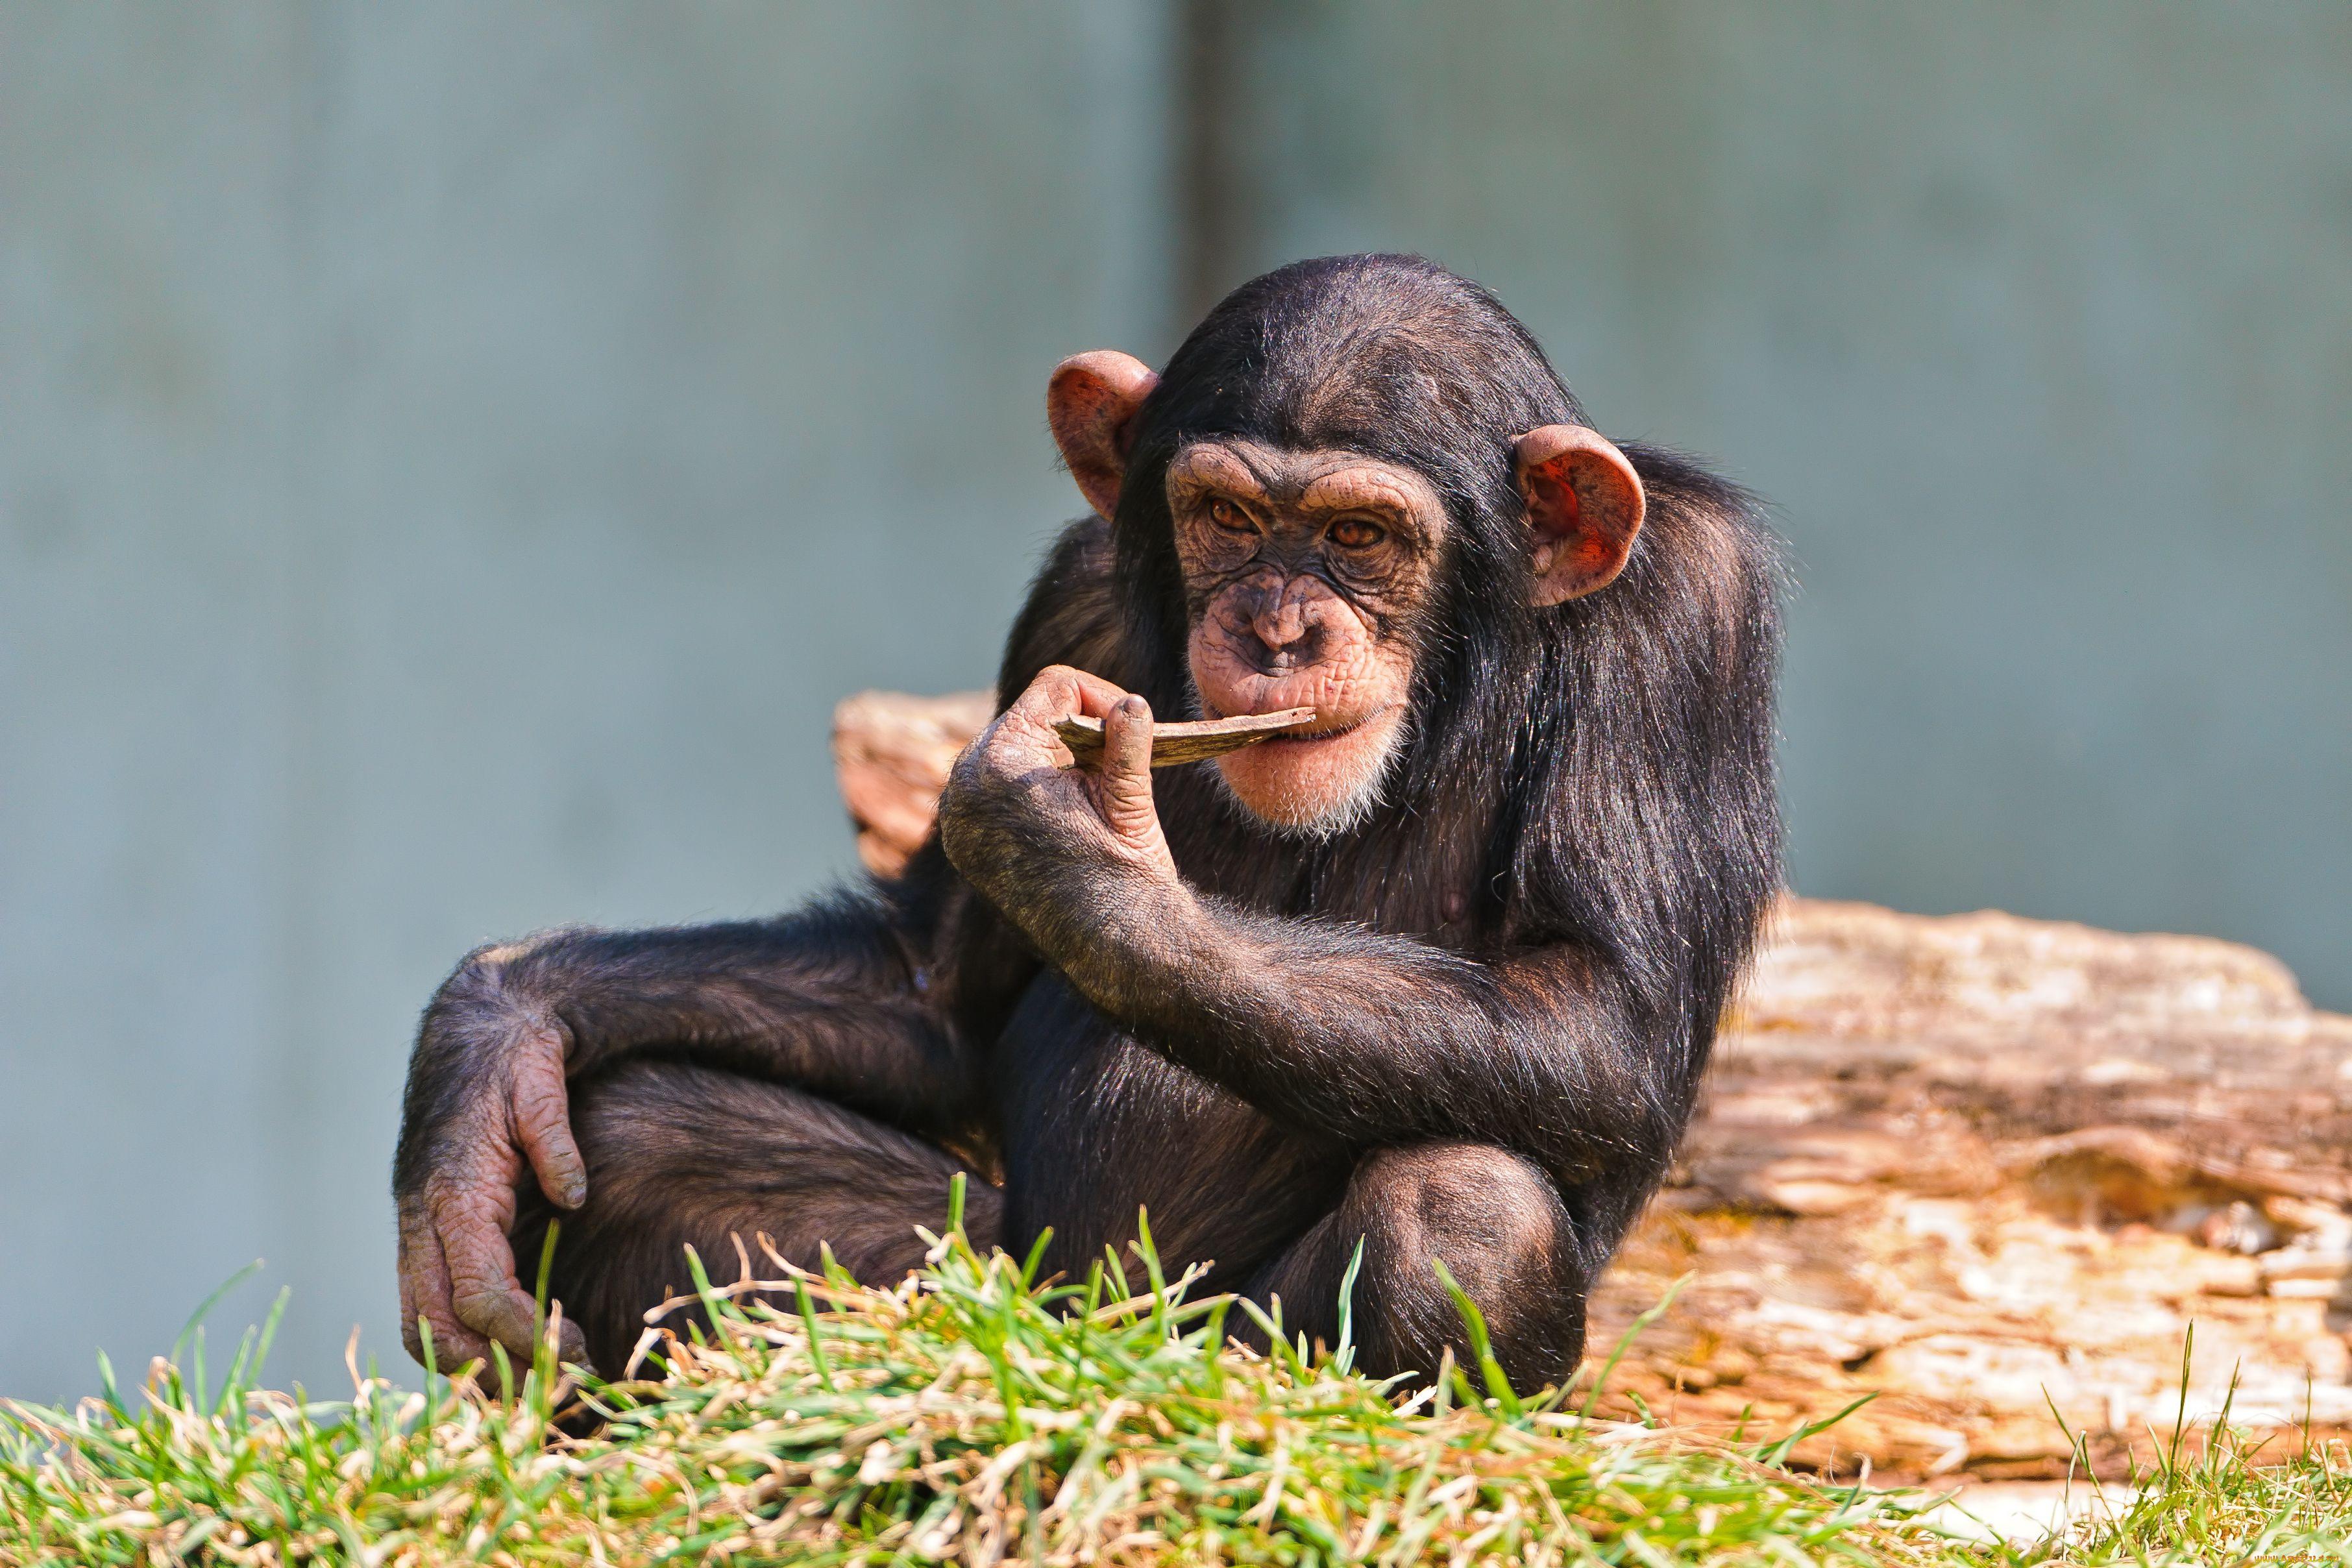 Картинка обезьян на рабочий стол